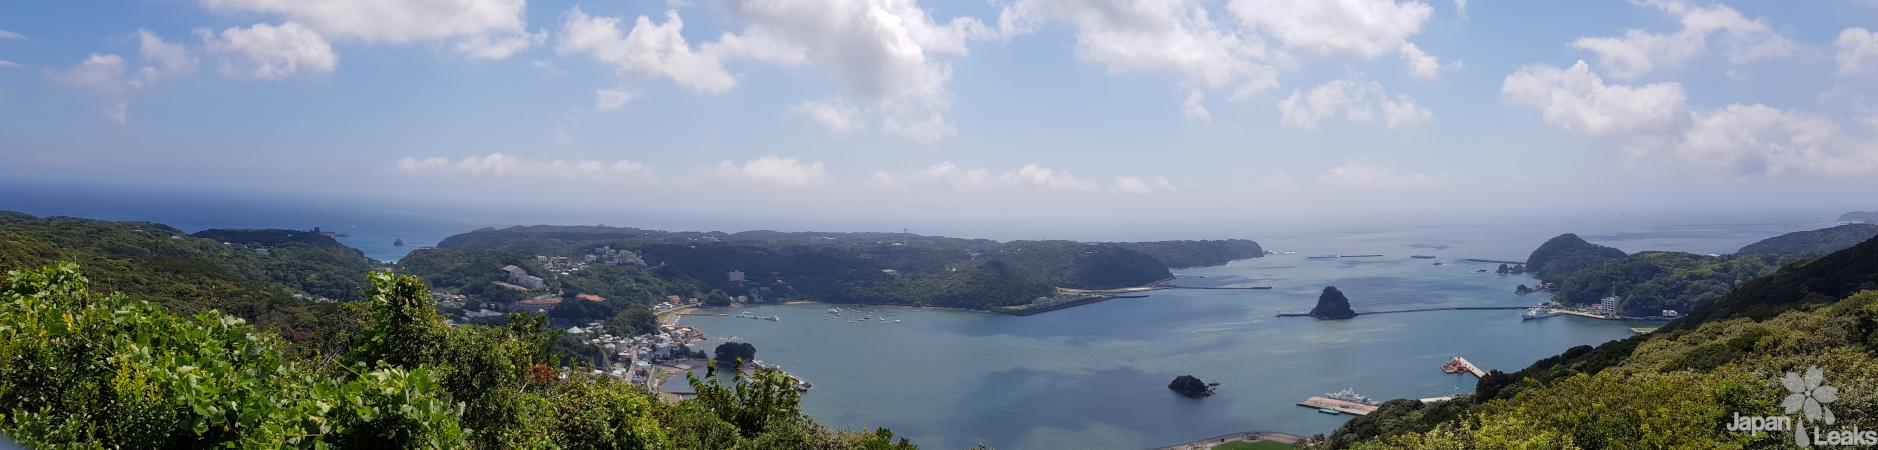 Ausblick auf die Küste Shimodas.